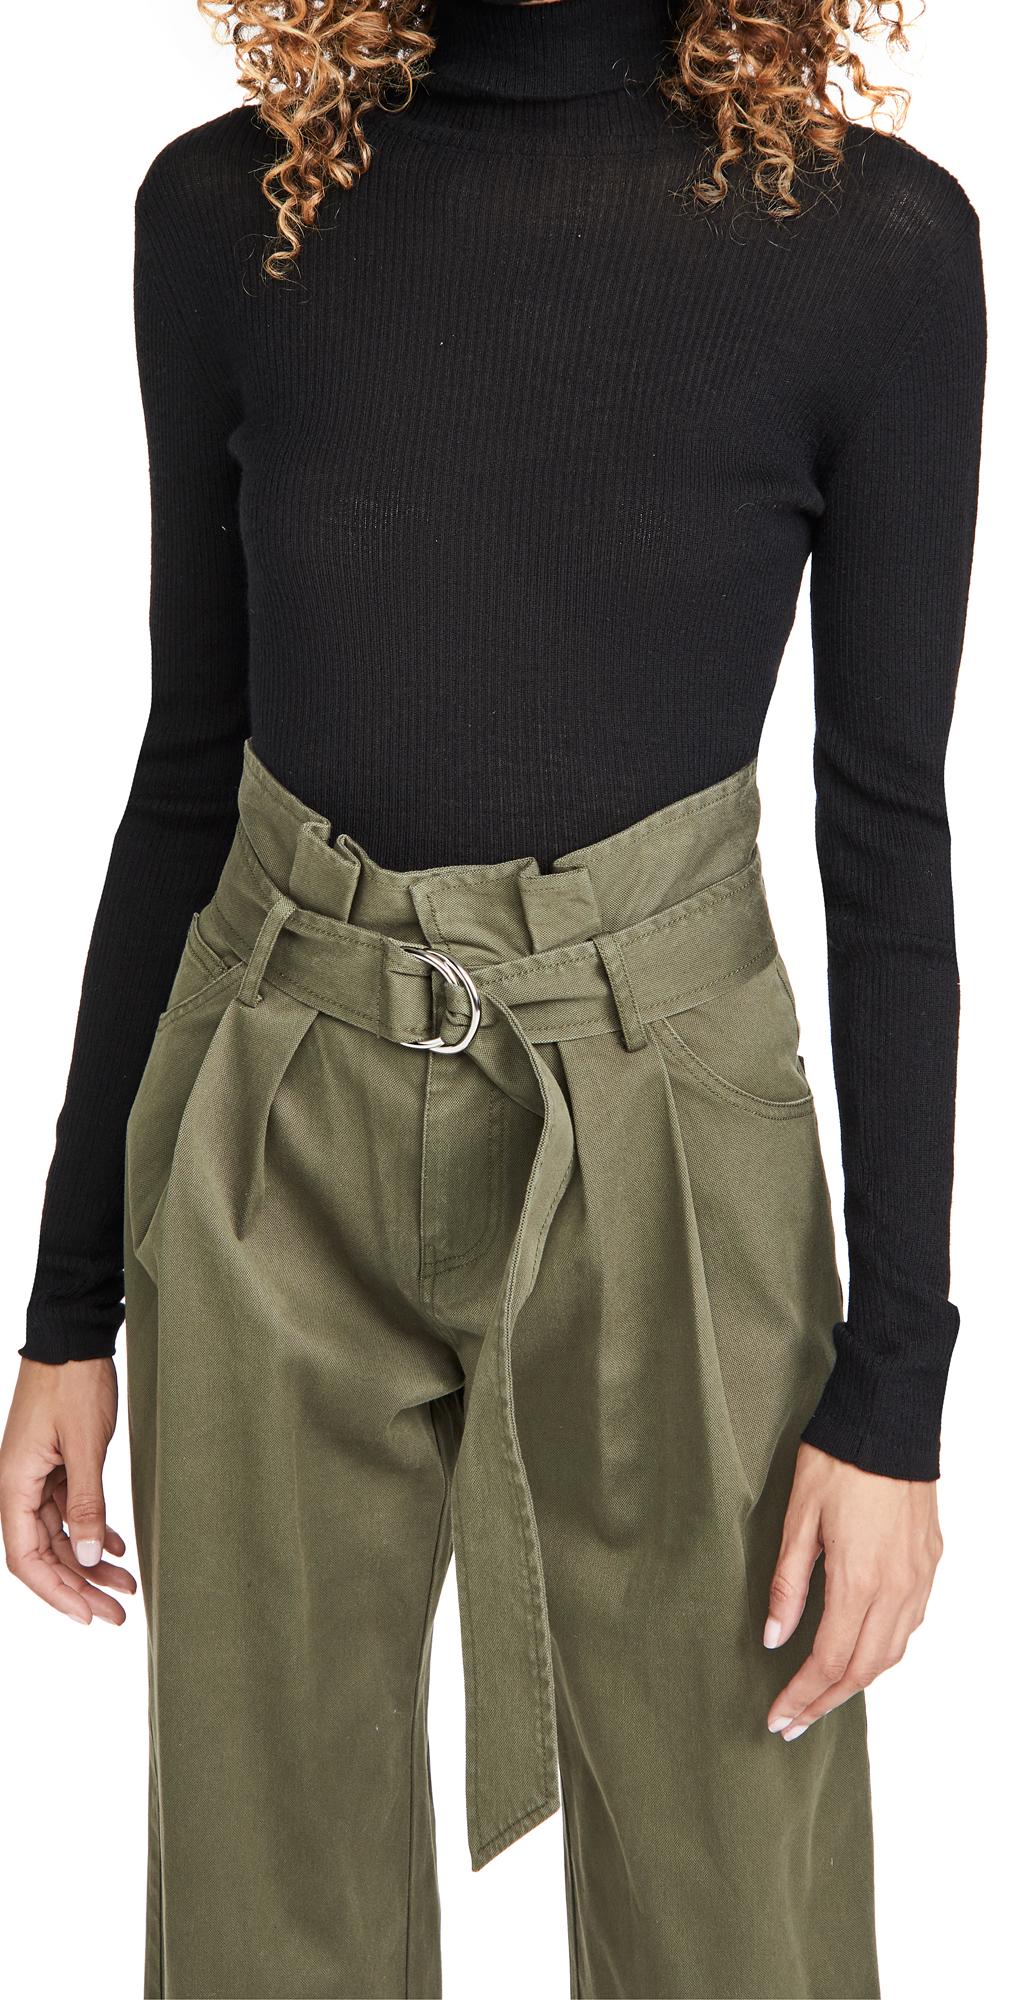 Sablyn Belle Cashmere Pullover